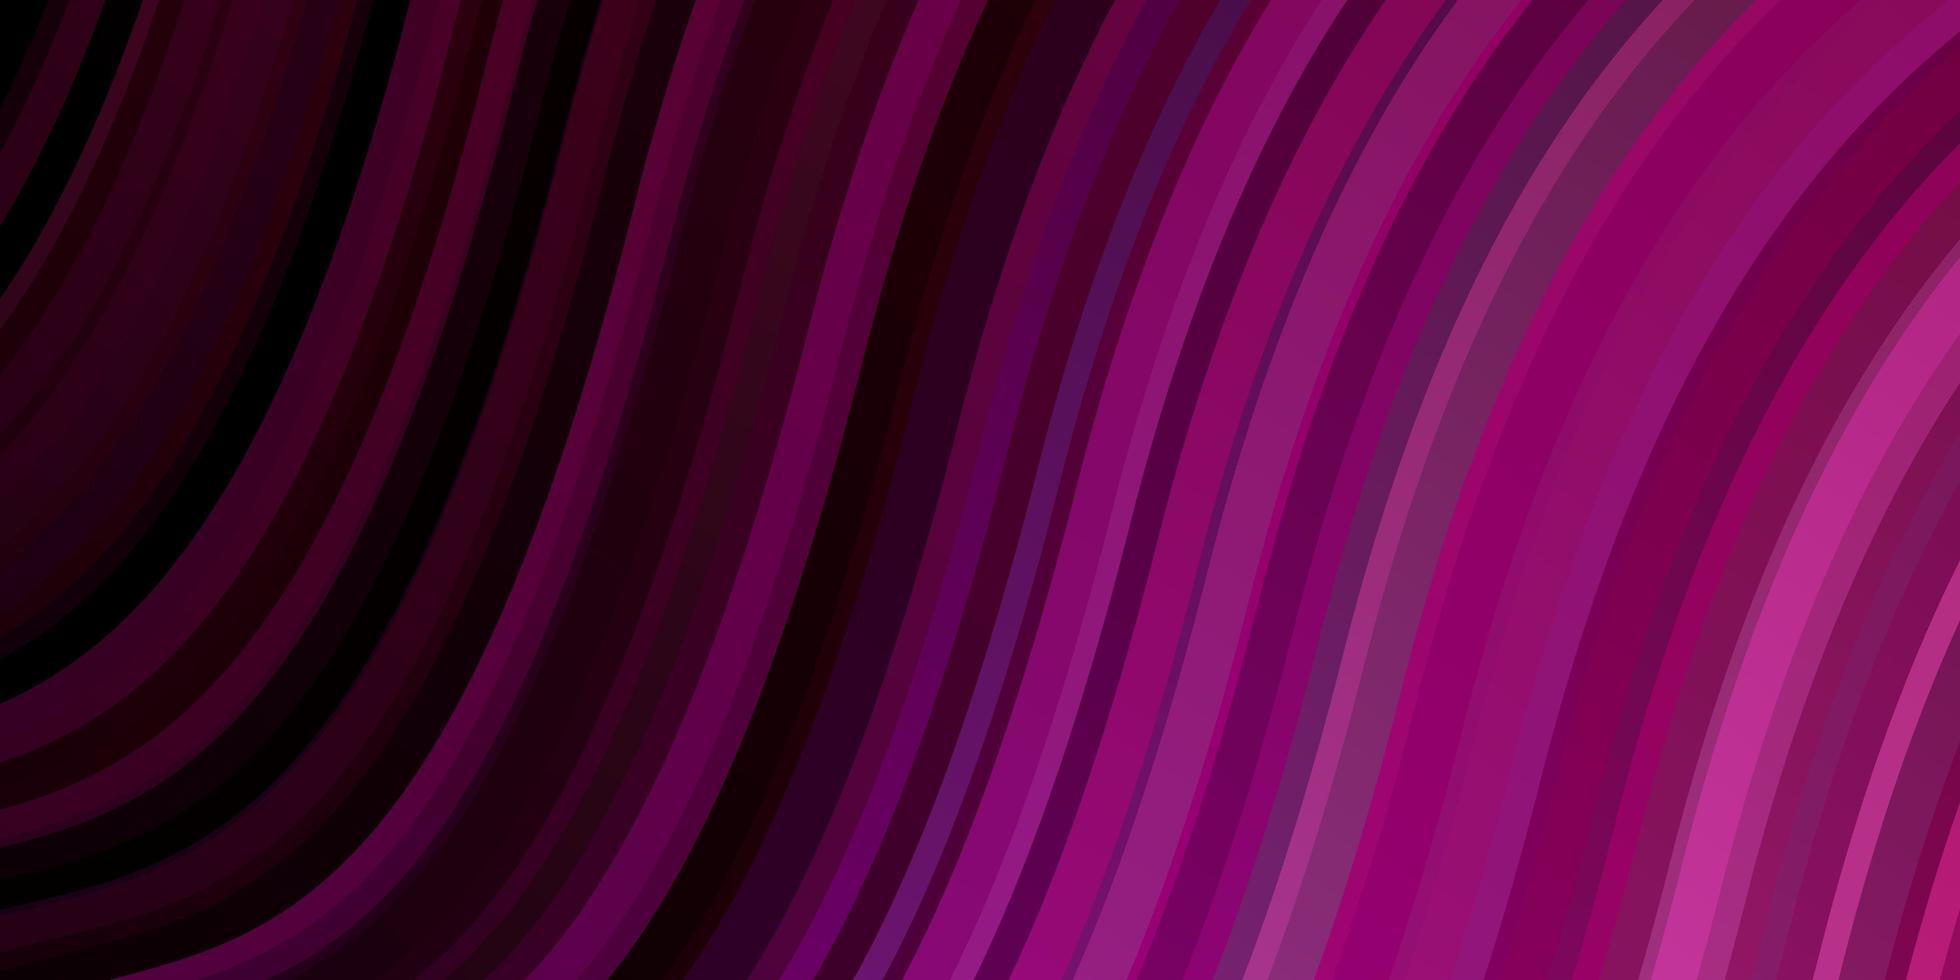 dunkelvioletter, rosa Vektorhintergrund mit trockenen Linien. vektor